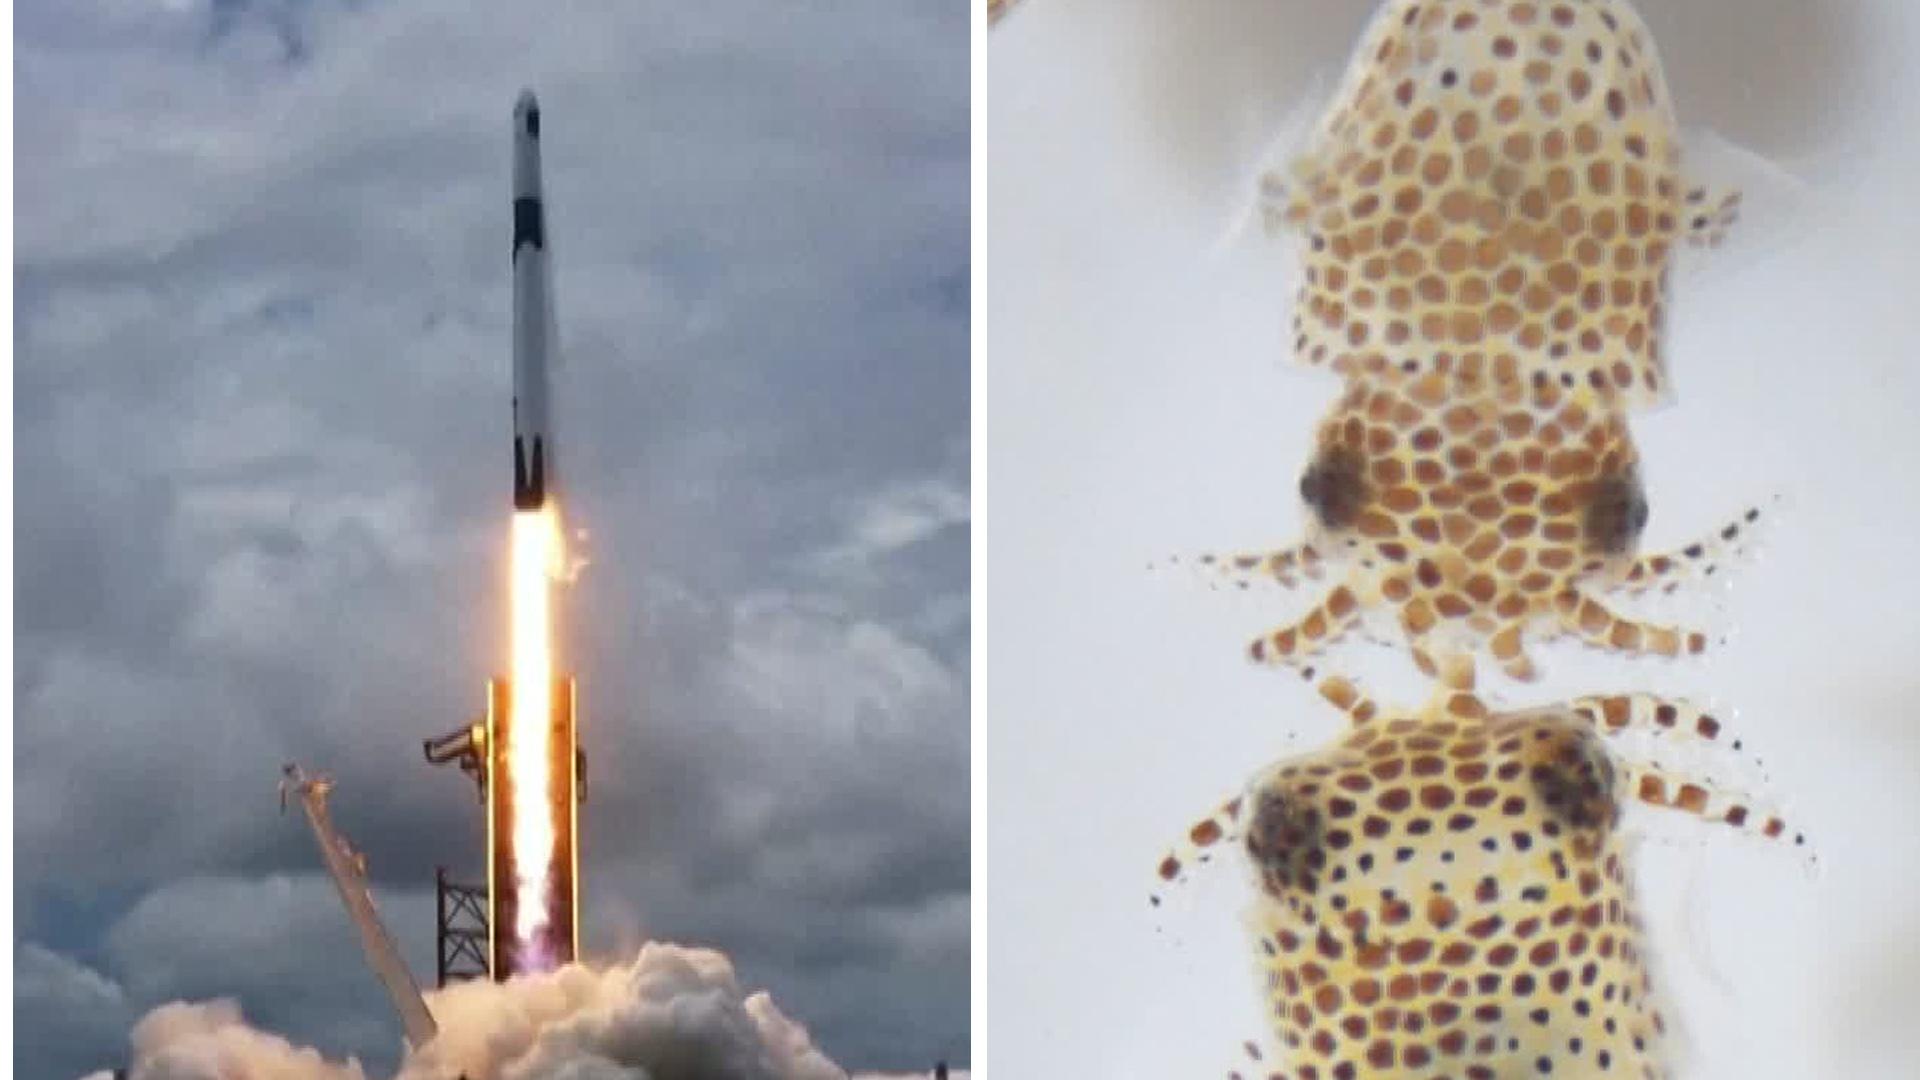 Bläckfiskungar skickas till internationella rymdstationen